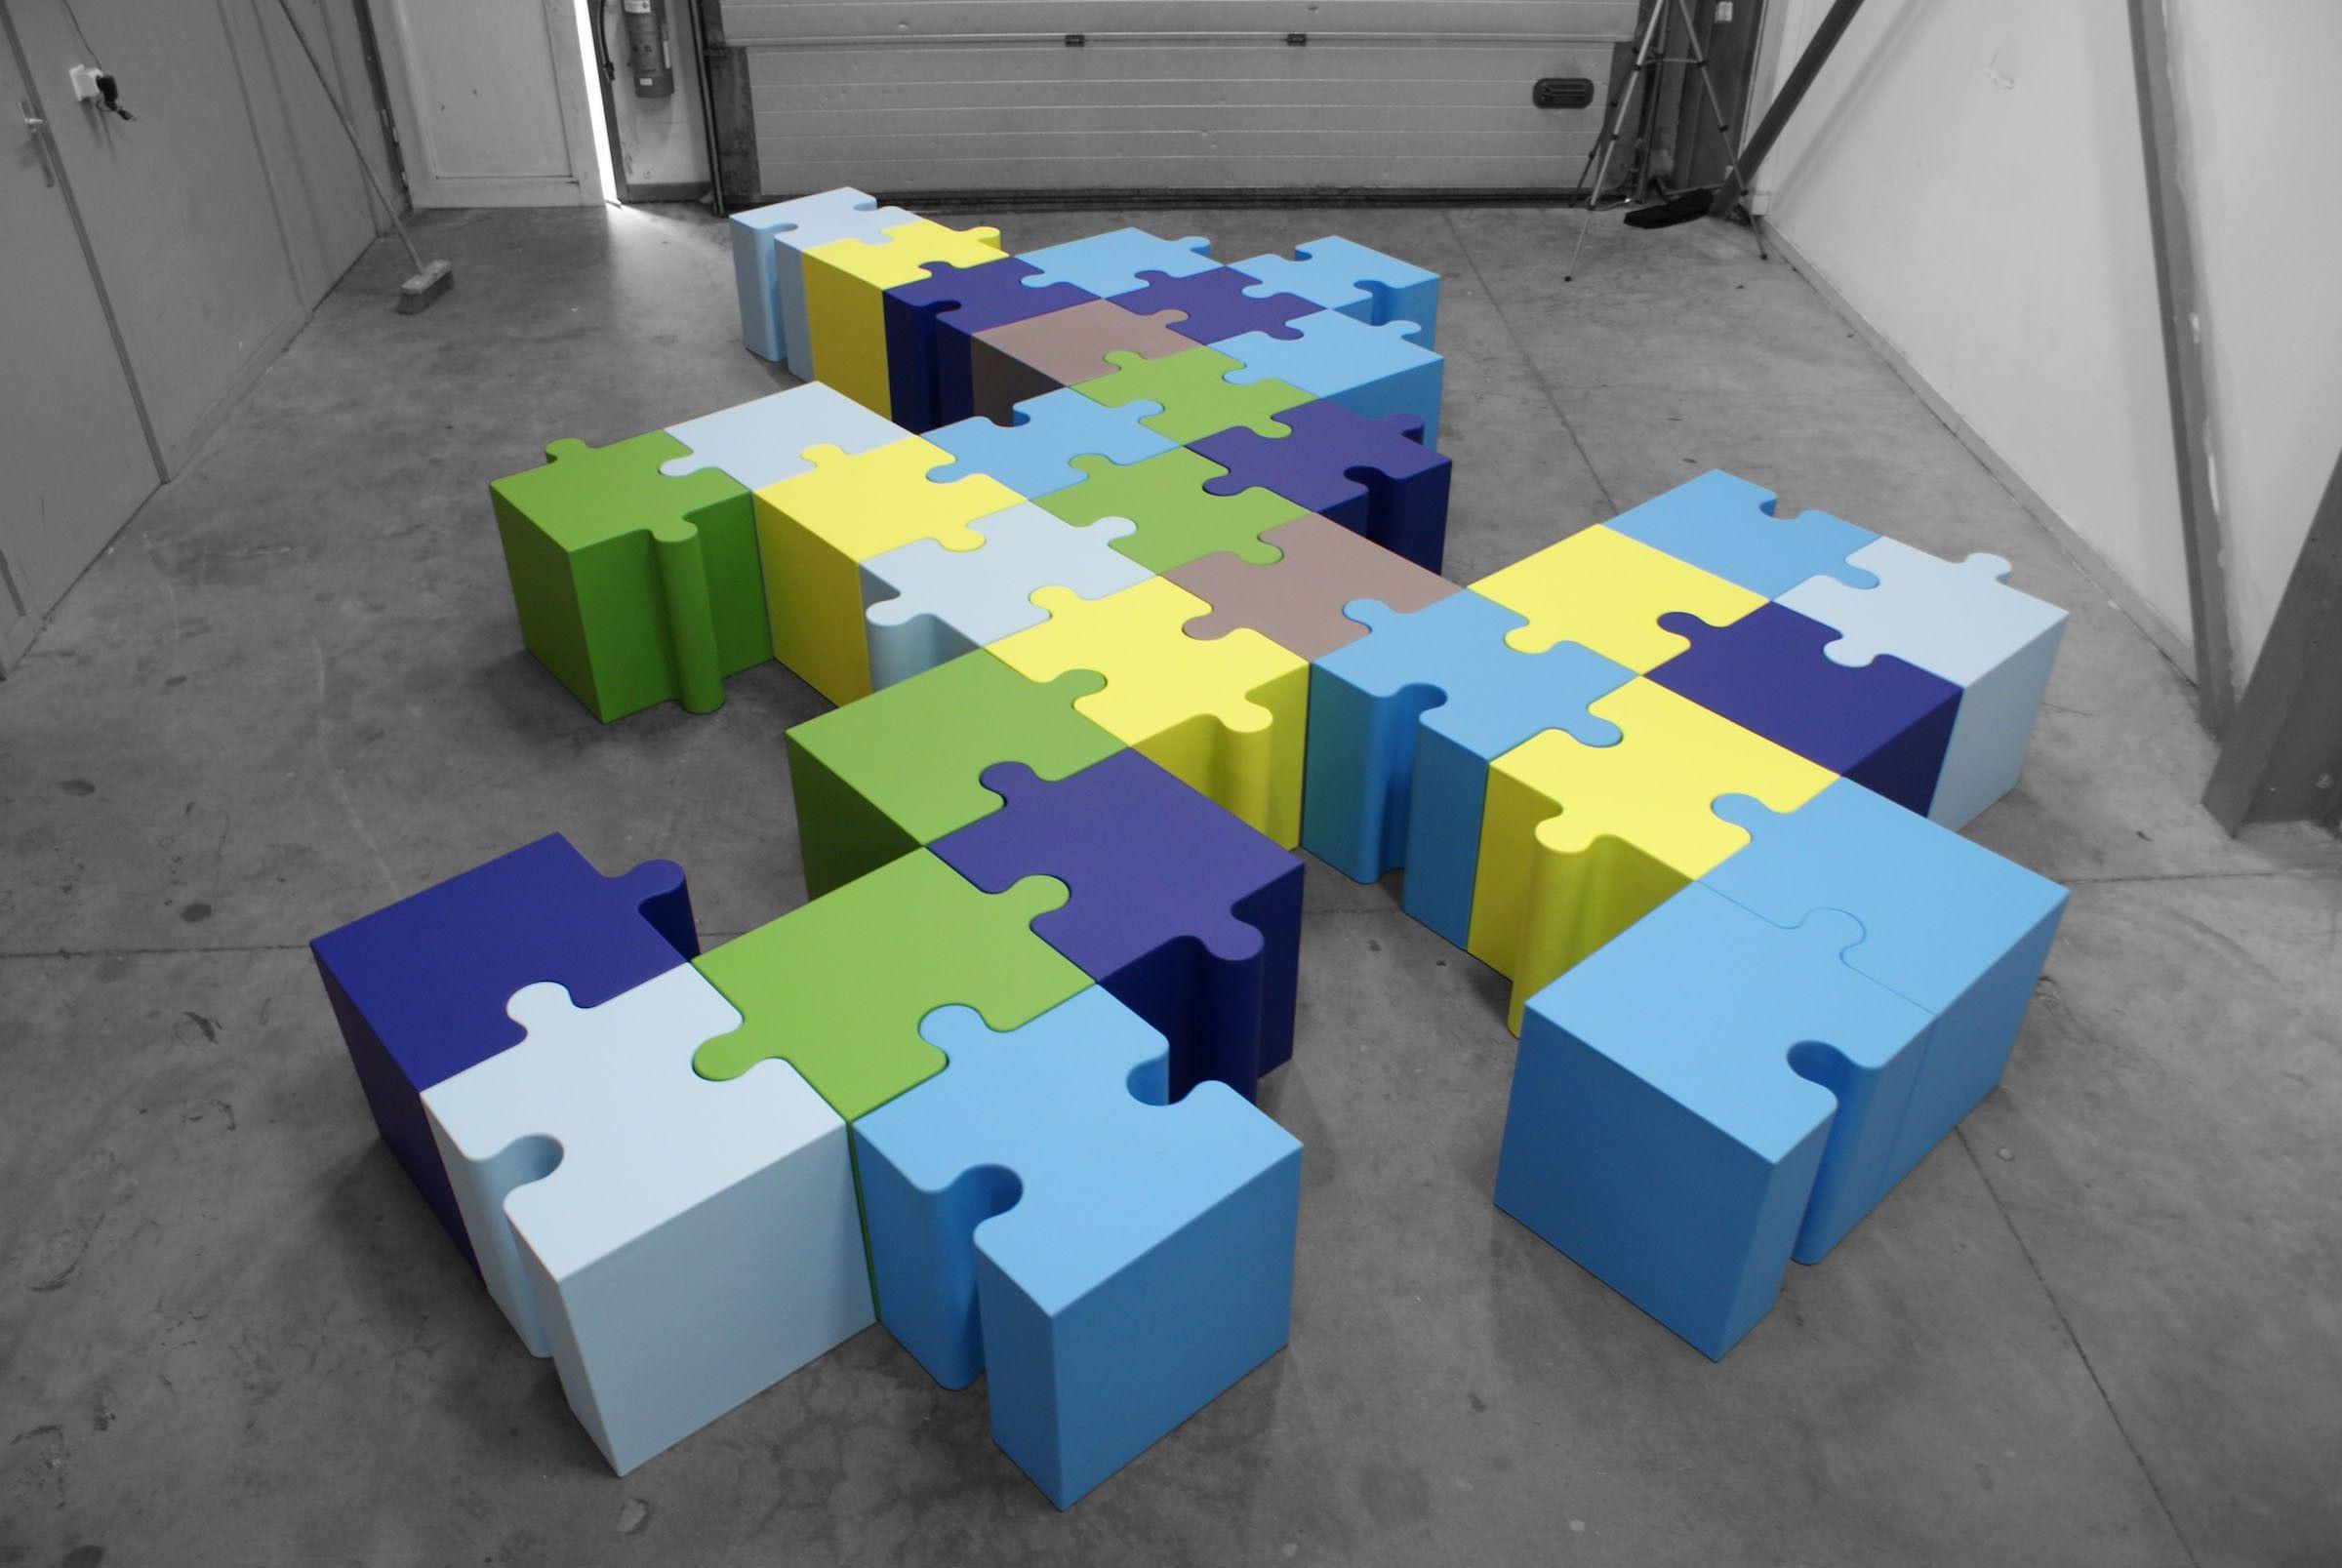 Puzzle Kinderzimmer möbel, Kinder zimmer, Kinderzimmer